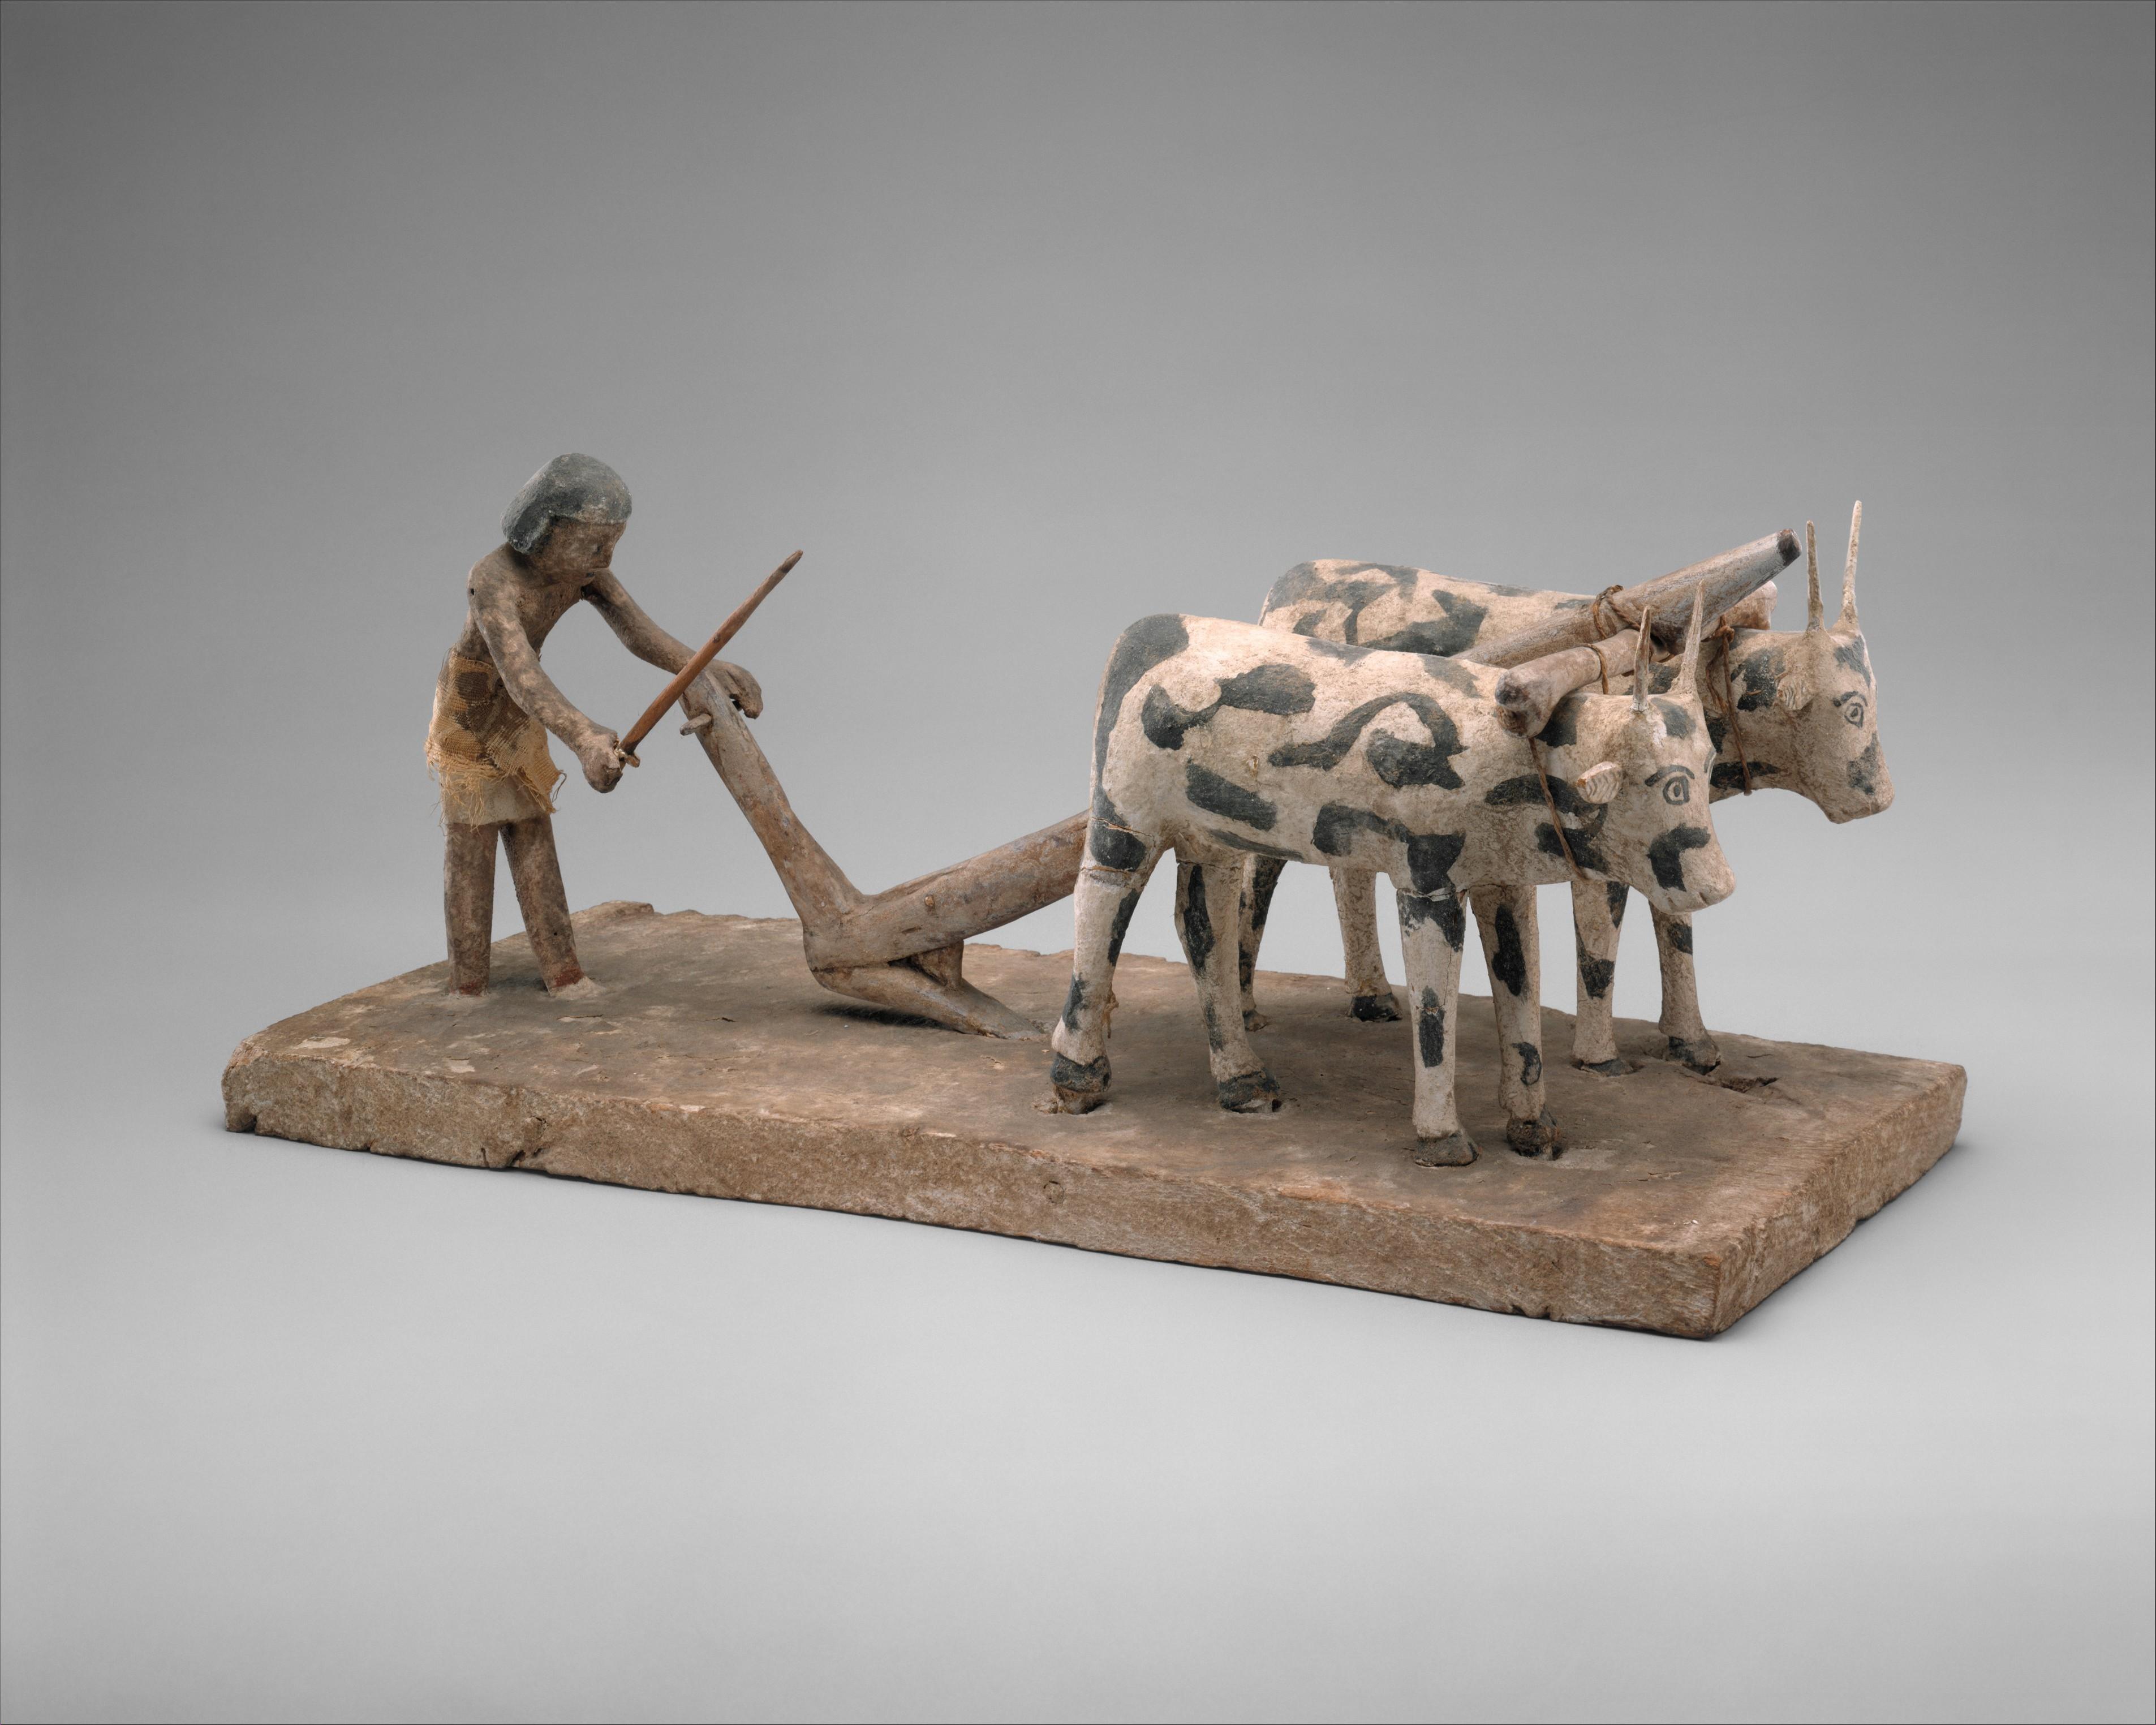 مجسم يظهر مصرياً يقوم بحراثة الأرض وذلك في العام 1900 قبل الميلاد - الميتروبوليتان